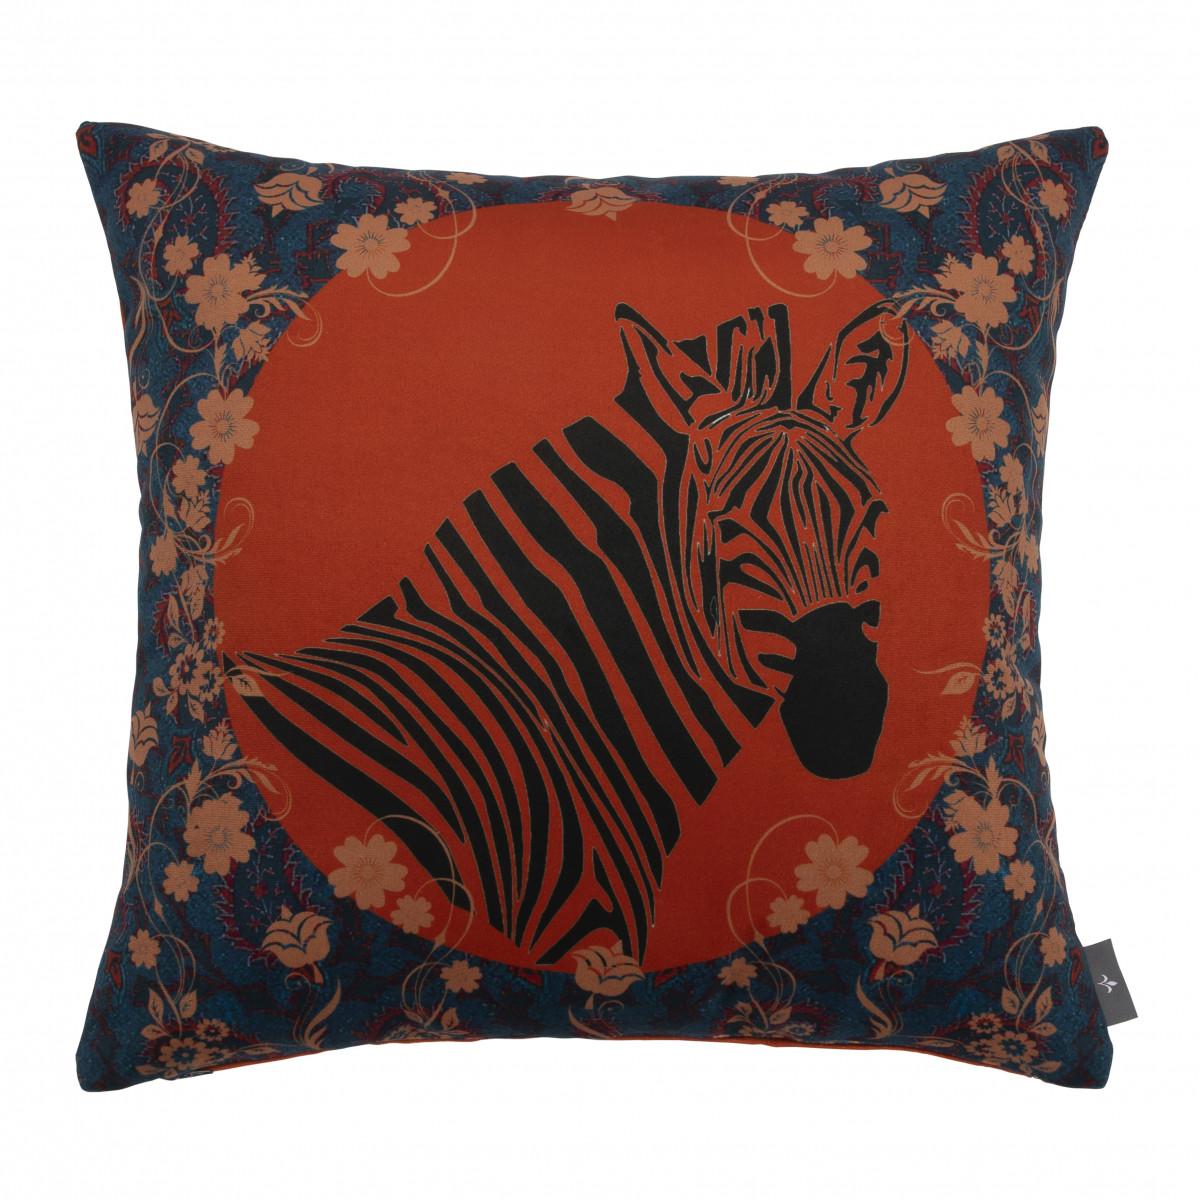 Coussin zebre imprimé sur velours made in france orange 47x47